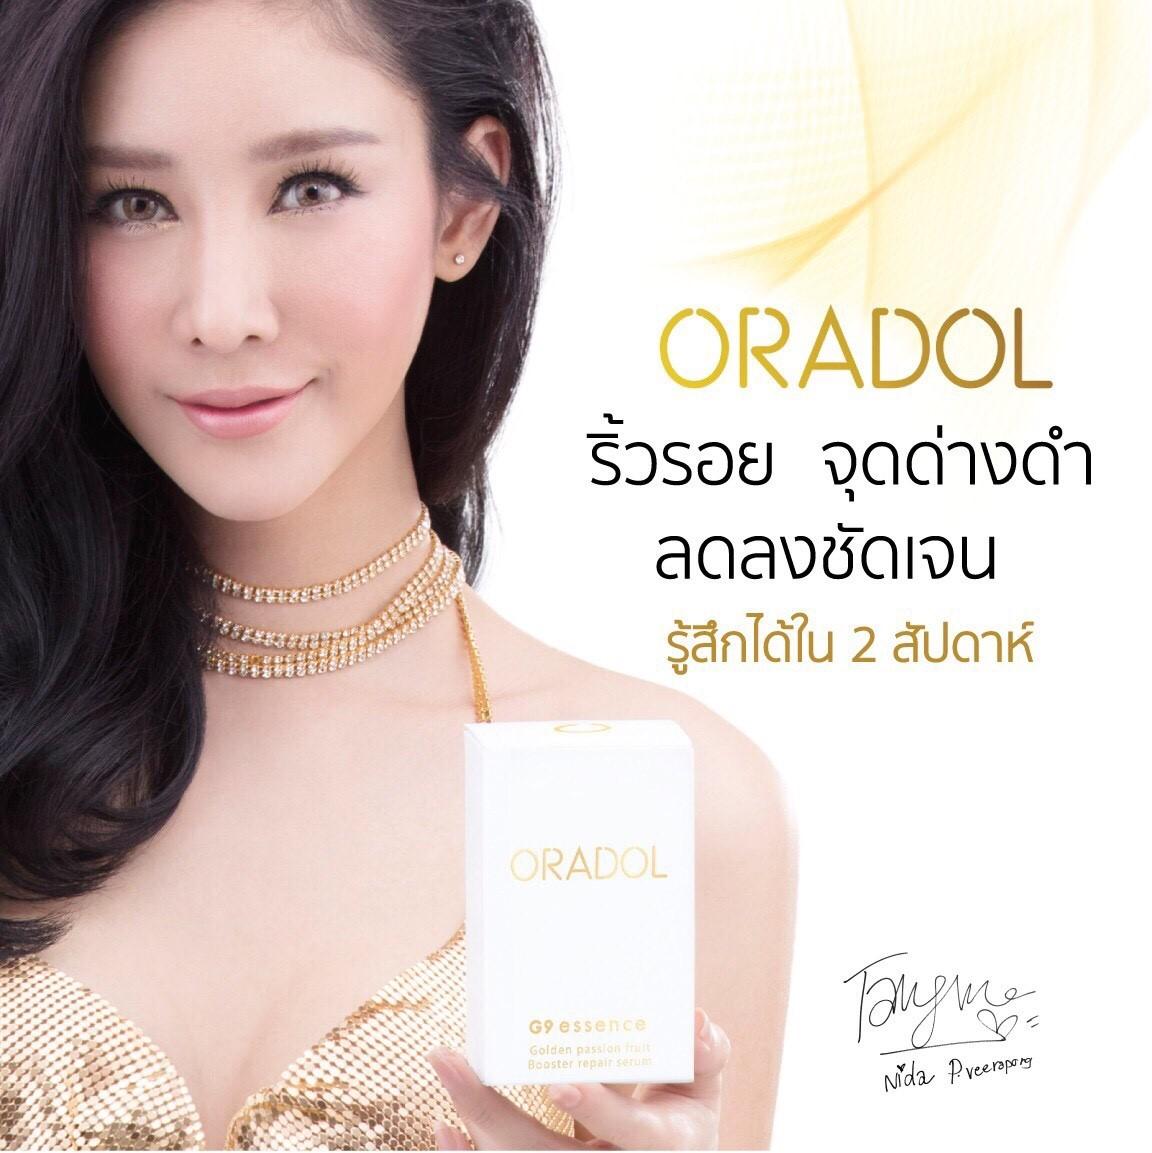 Oradol Serum แตงโม